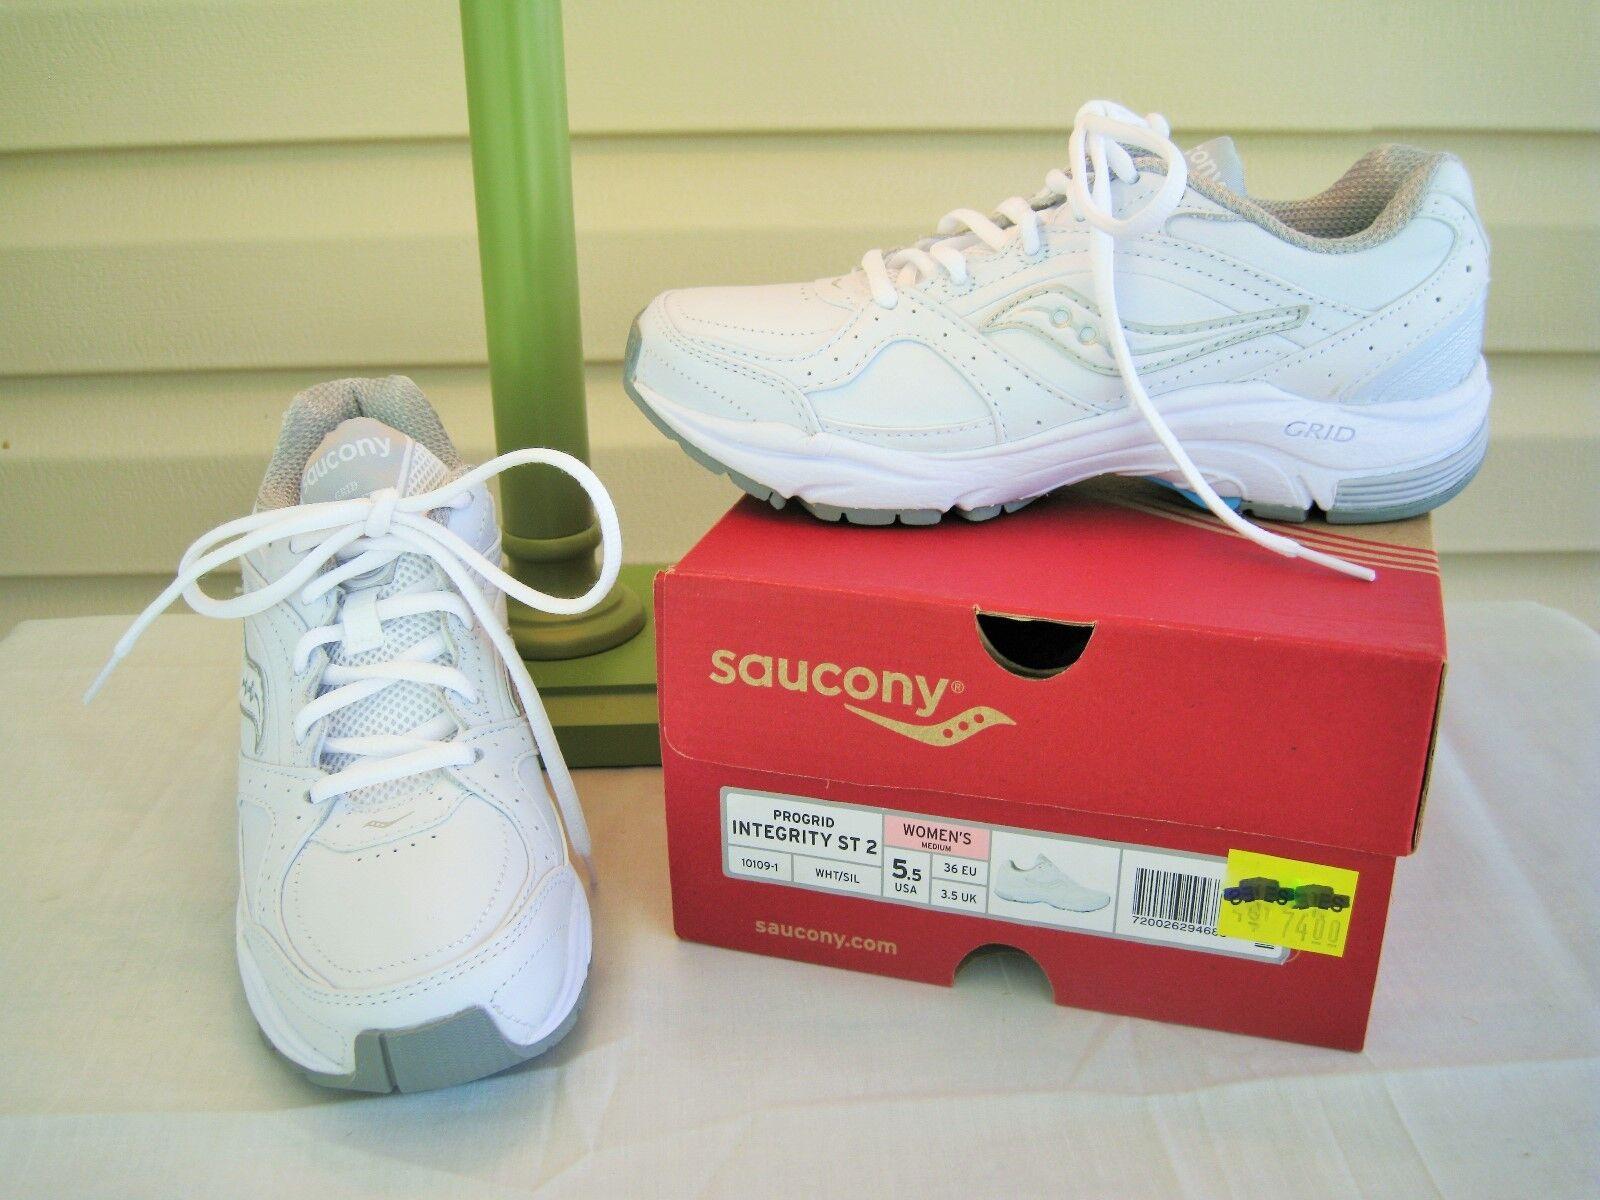 Saucony Integrity Integrity Integrity Womens White Walking Sneaker - NEW IN BOX 34f44c